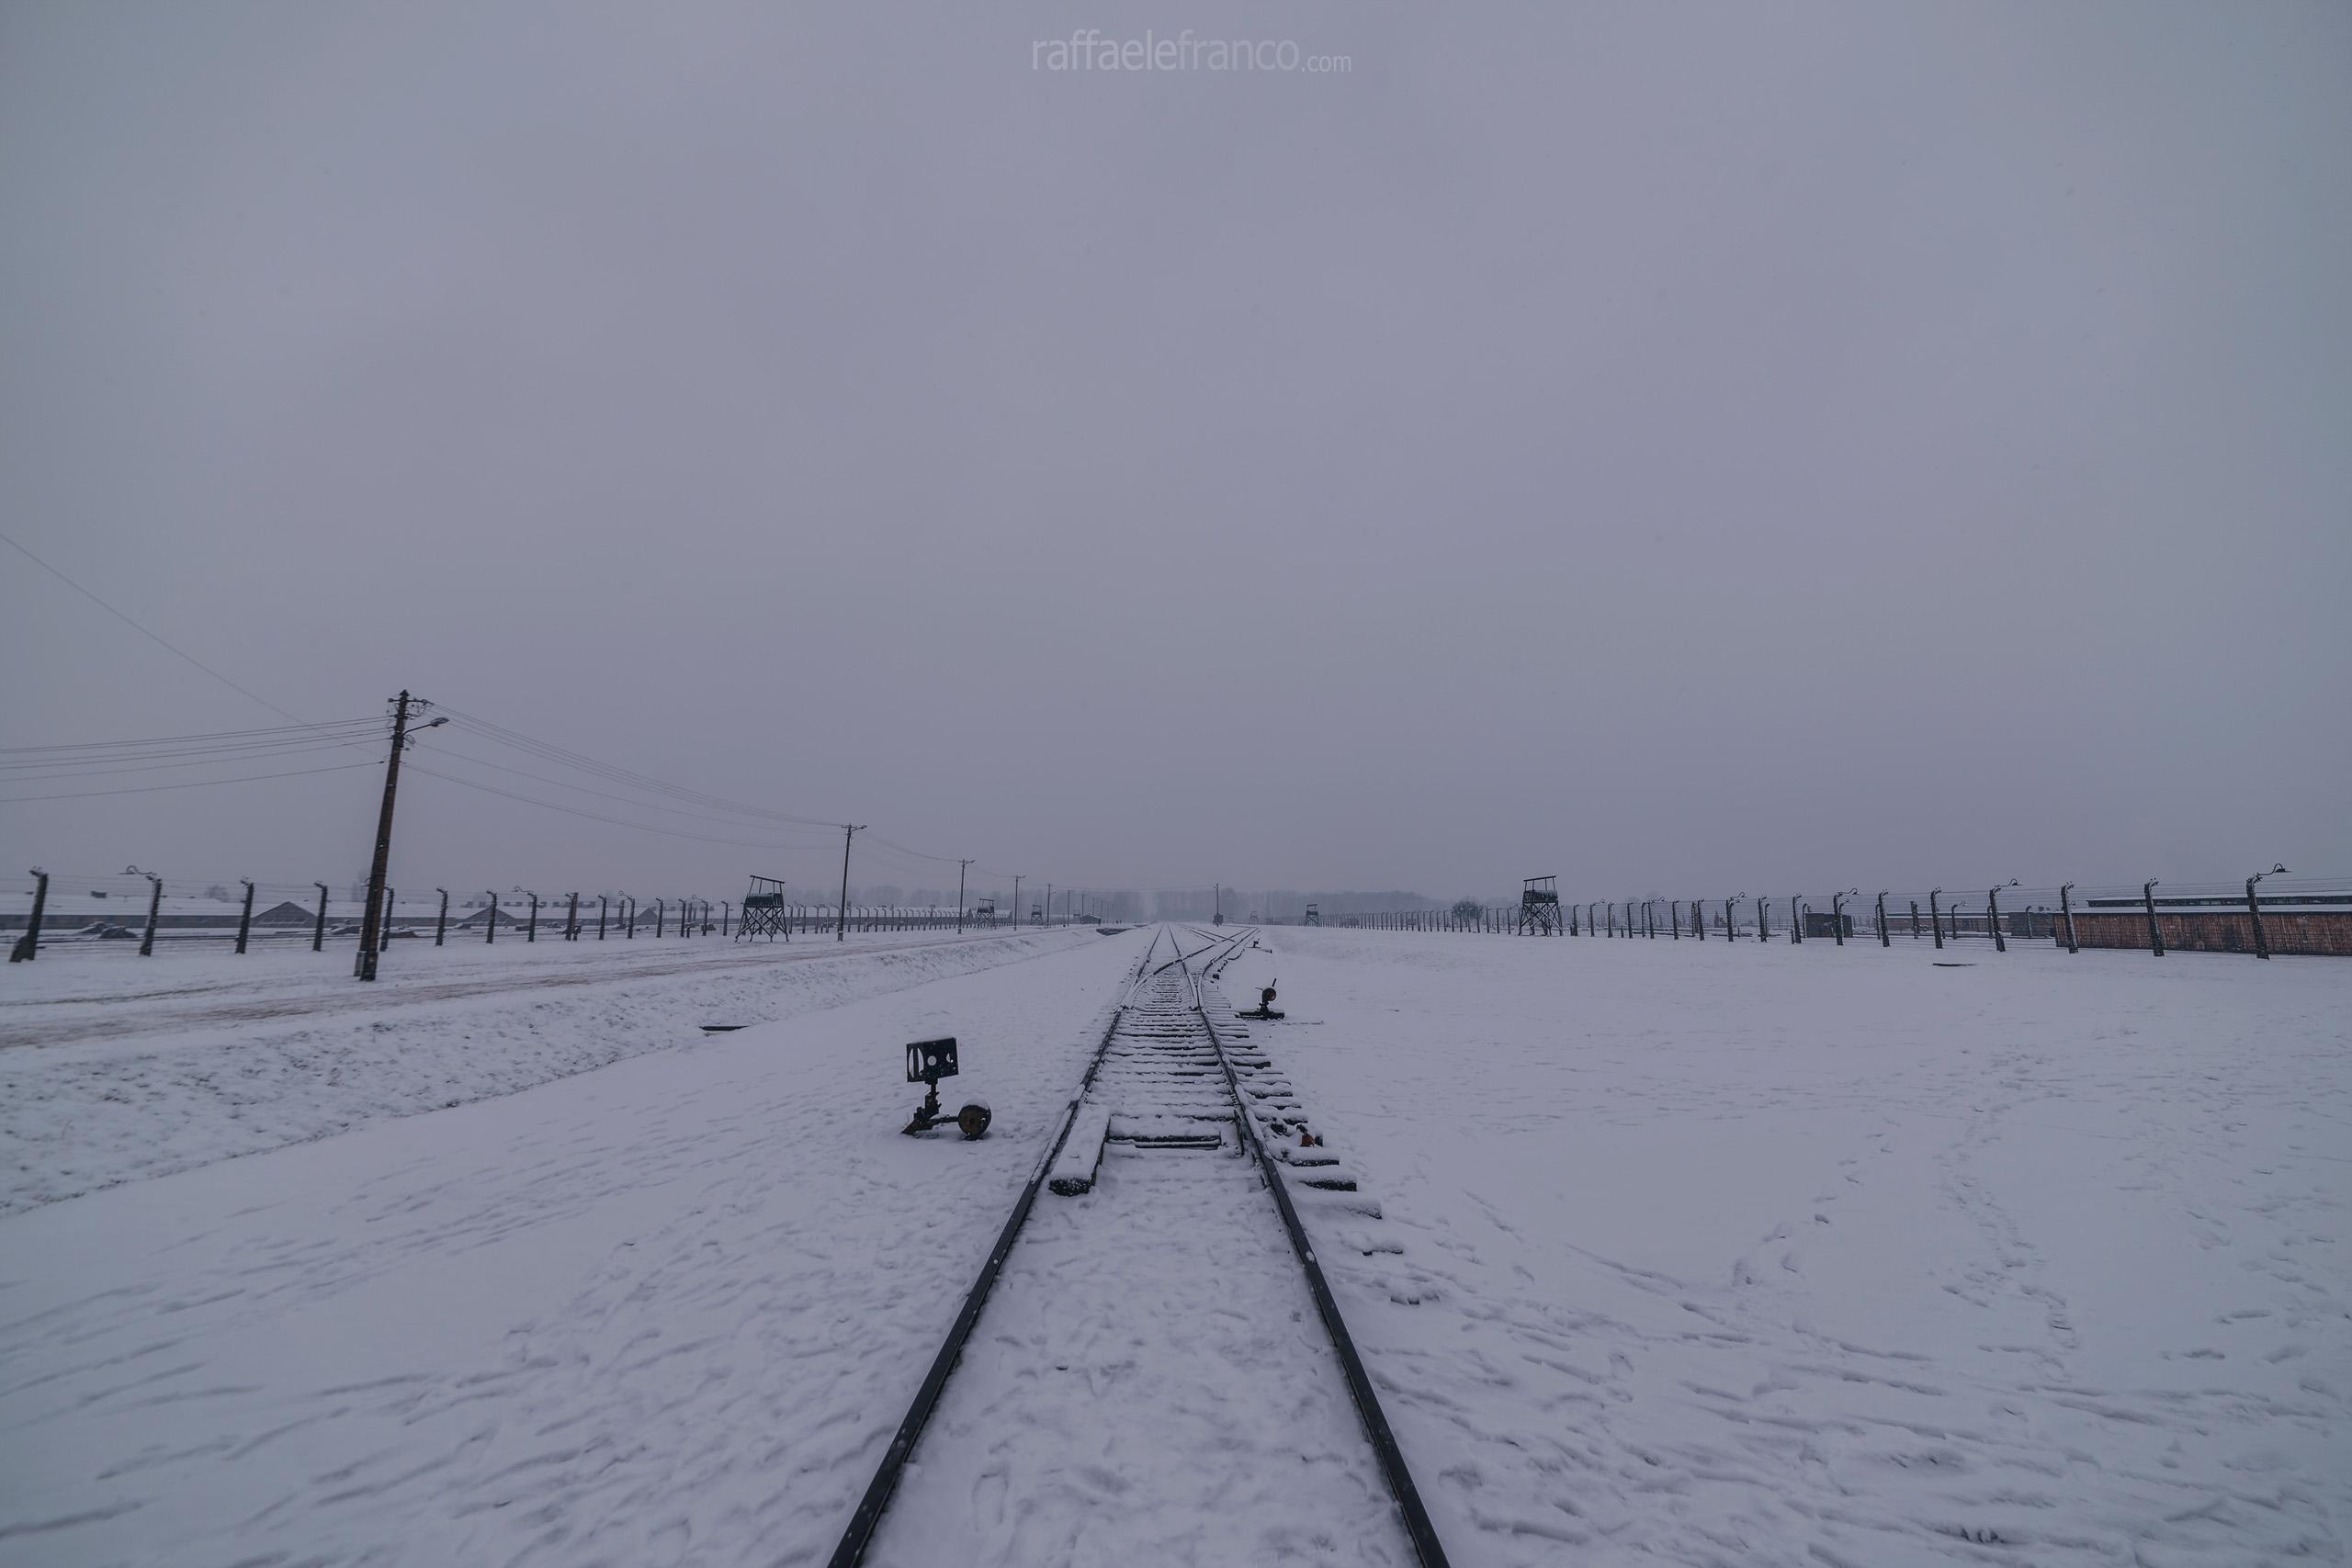 Il campo di concentramento e sterminio di Auschwitz-Birkenau II